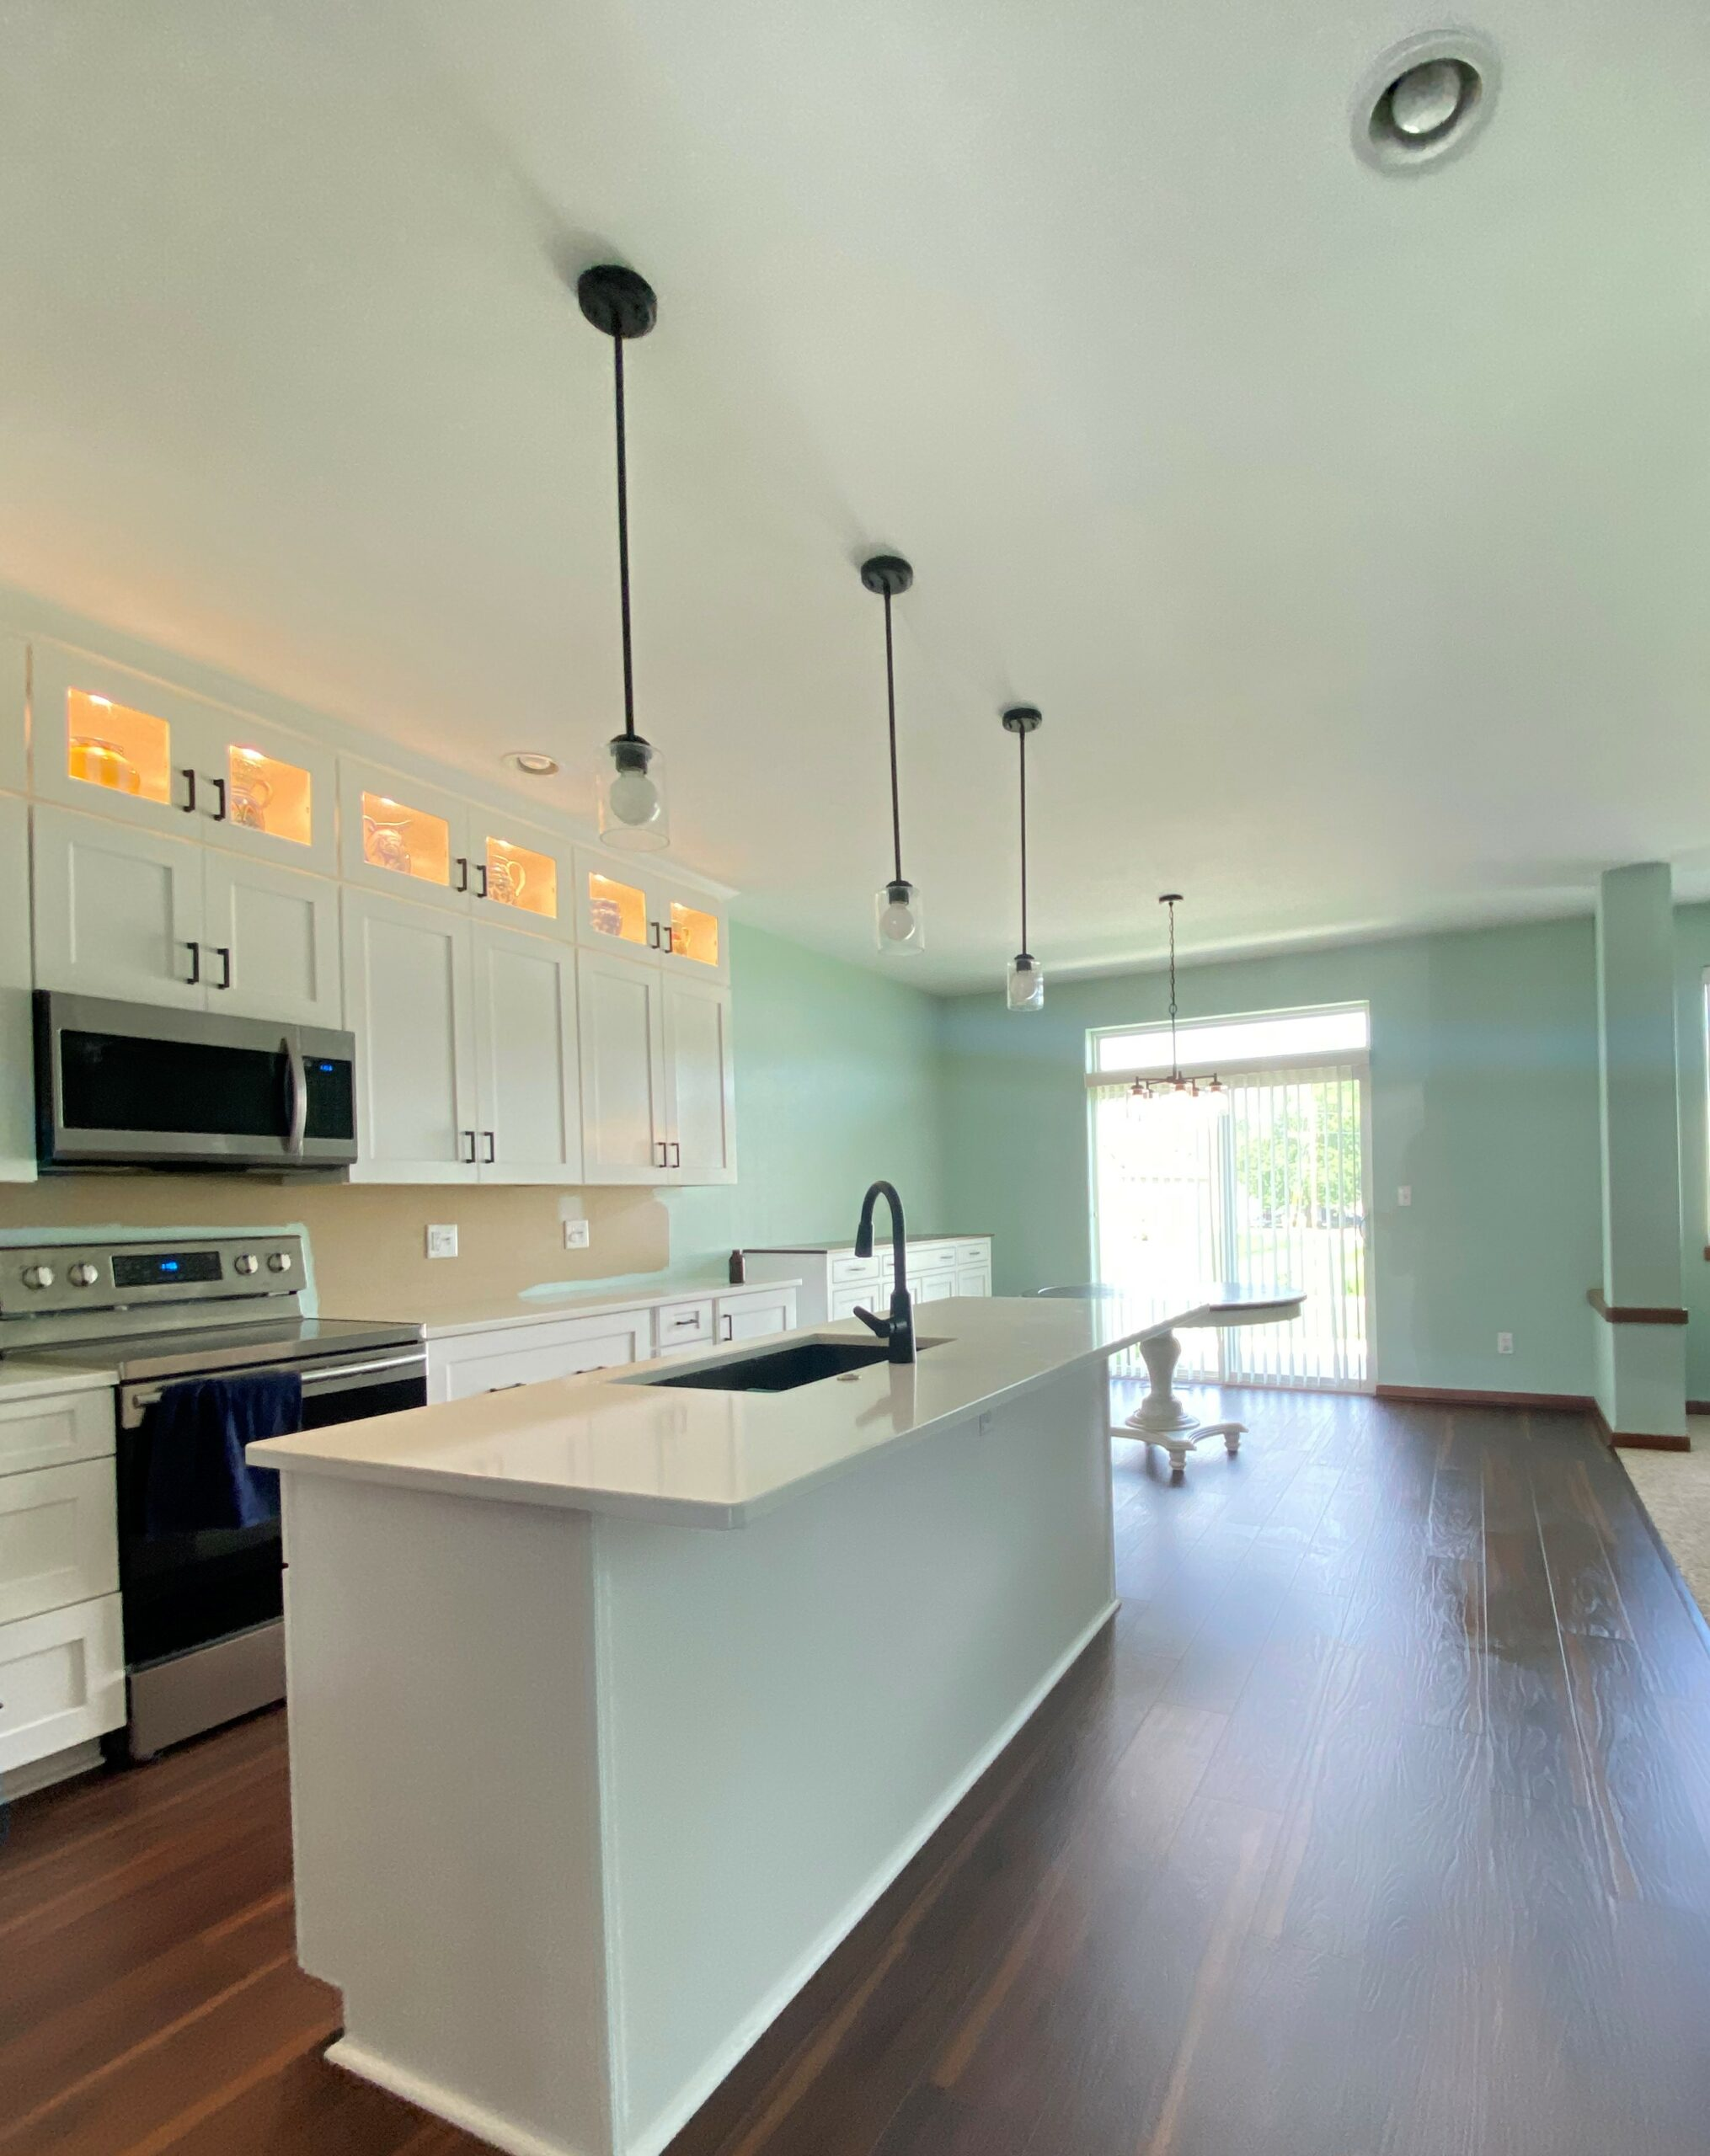 Interior Kitchen Repaint